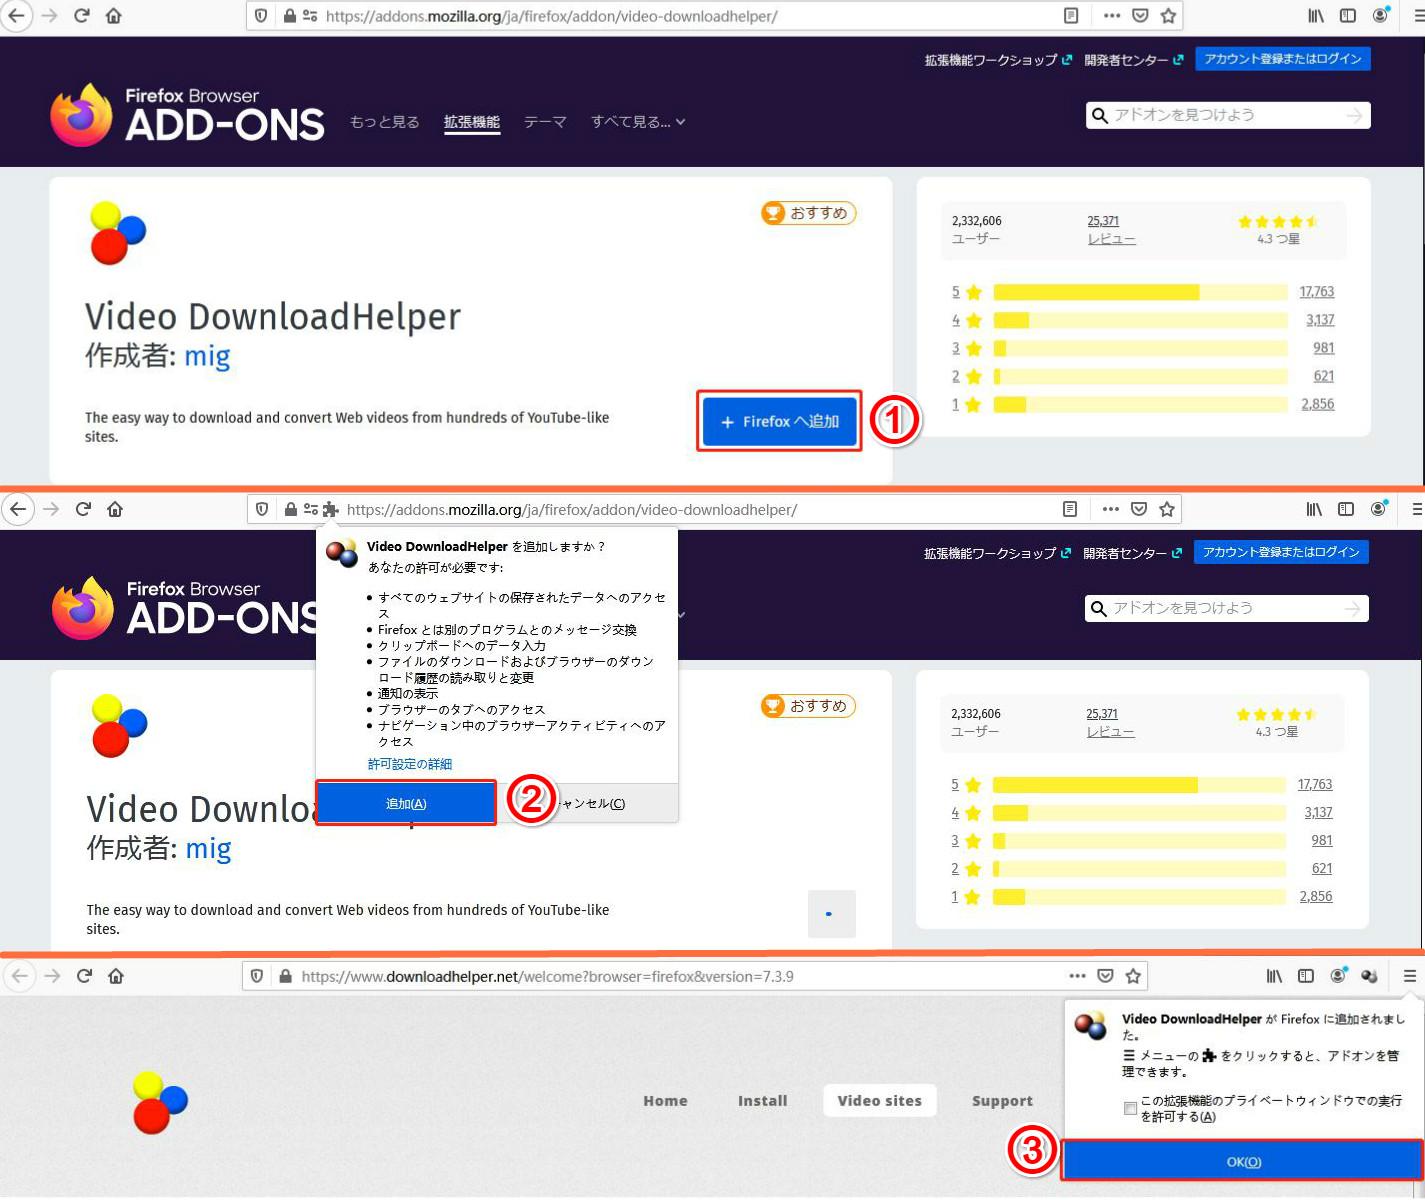 Firefoxブラウザーにインストールする方法